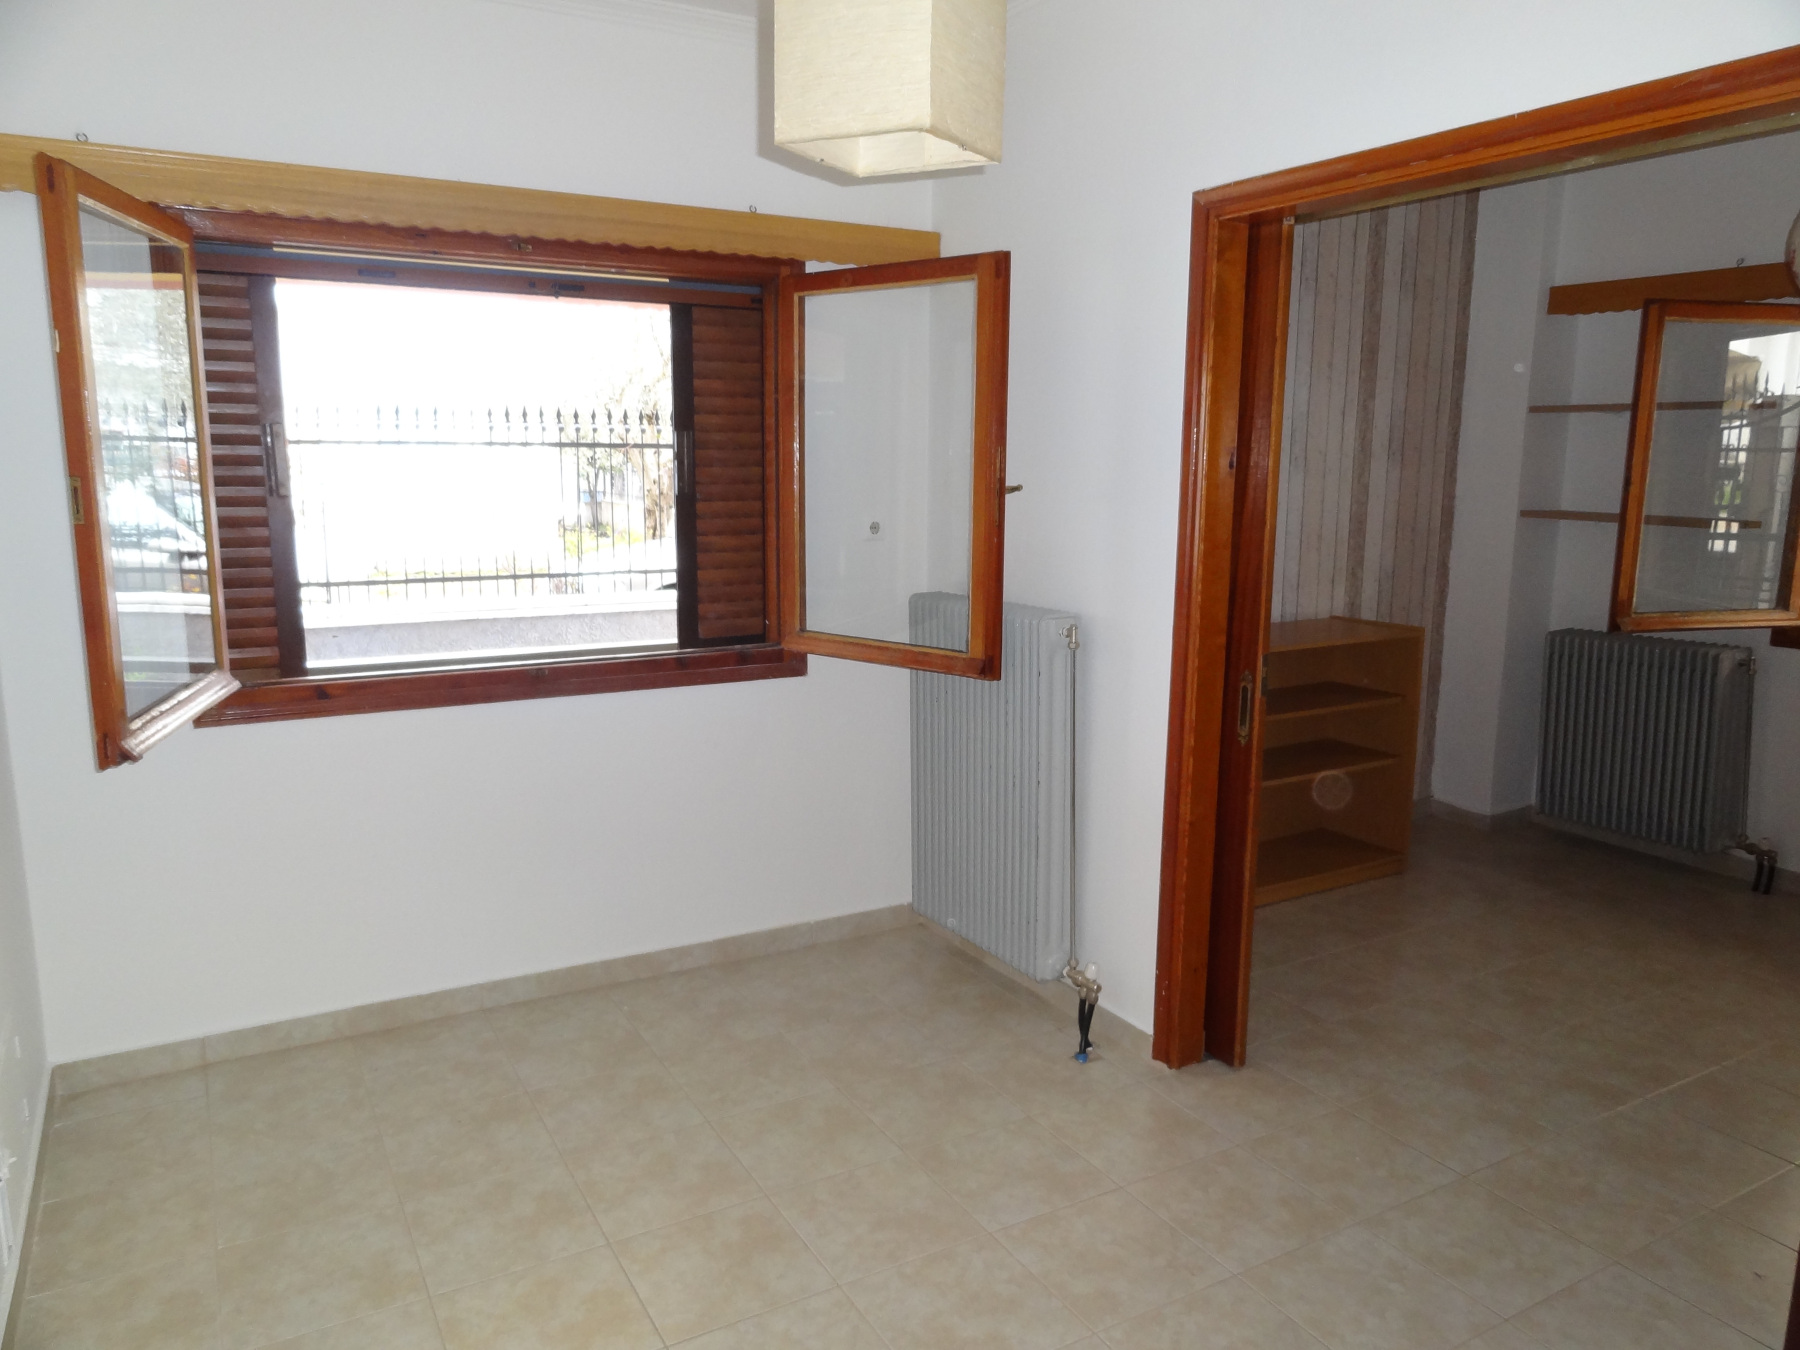 Ενοικιάζεται ισόγειο 2αρι διαμέρισμα 48 τ.μ. στα Ζευγάρια κοντά στην πλατεία Ομήρου στα Ιωάννινα